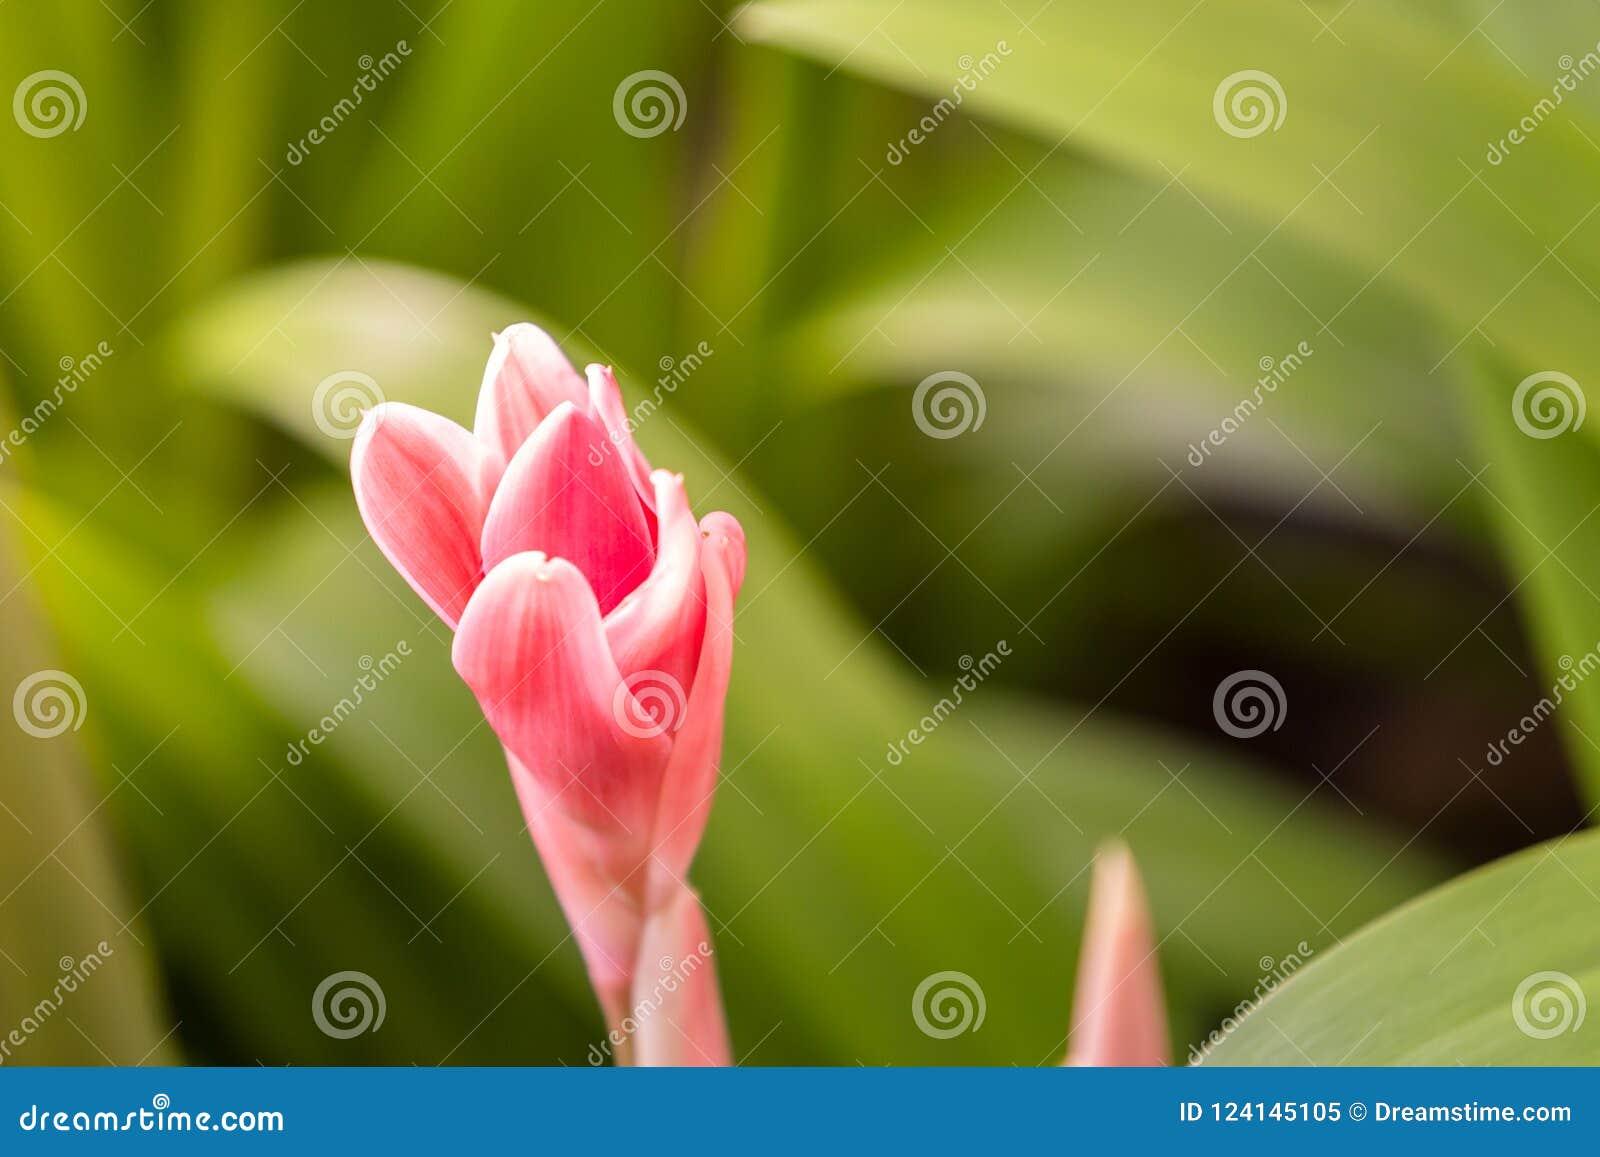 Dala flower pink flowers in the garden are beginning to bloom download dala flower pink flowers in the garden are beginning to bloom beautifully stock mightylinksfo